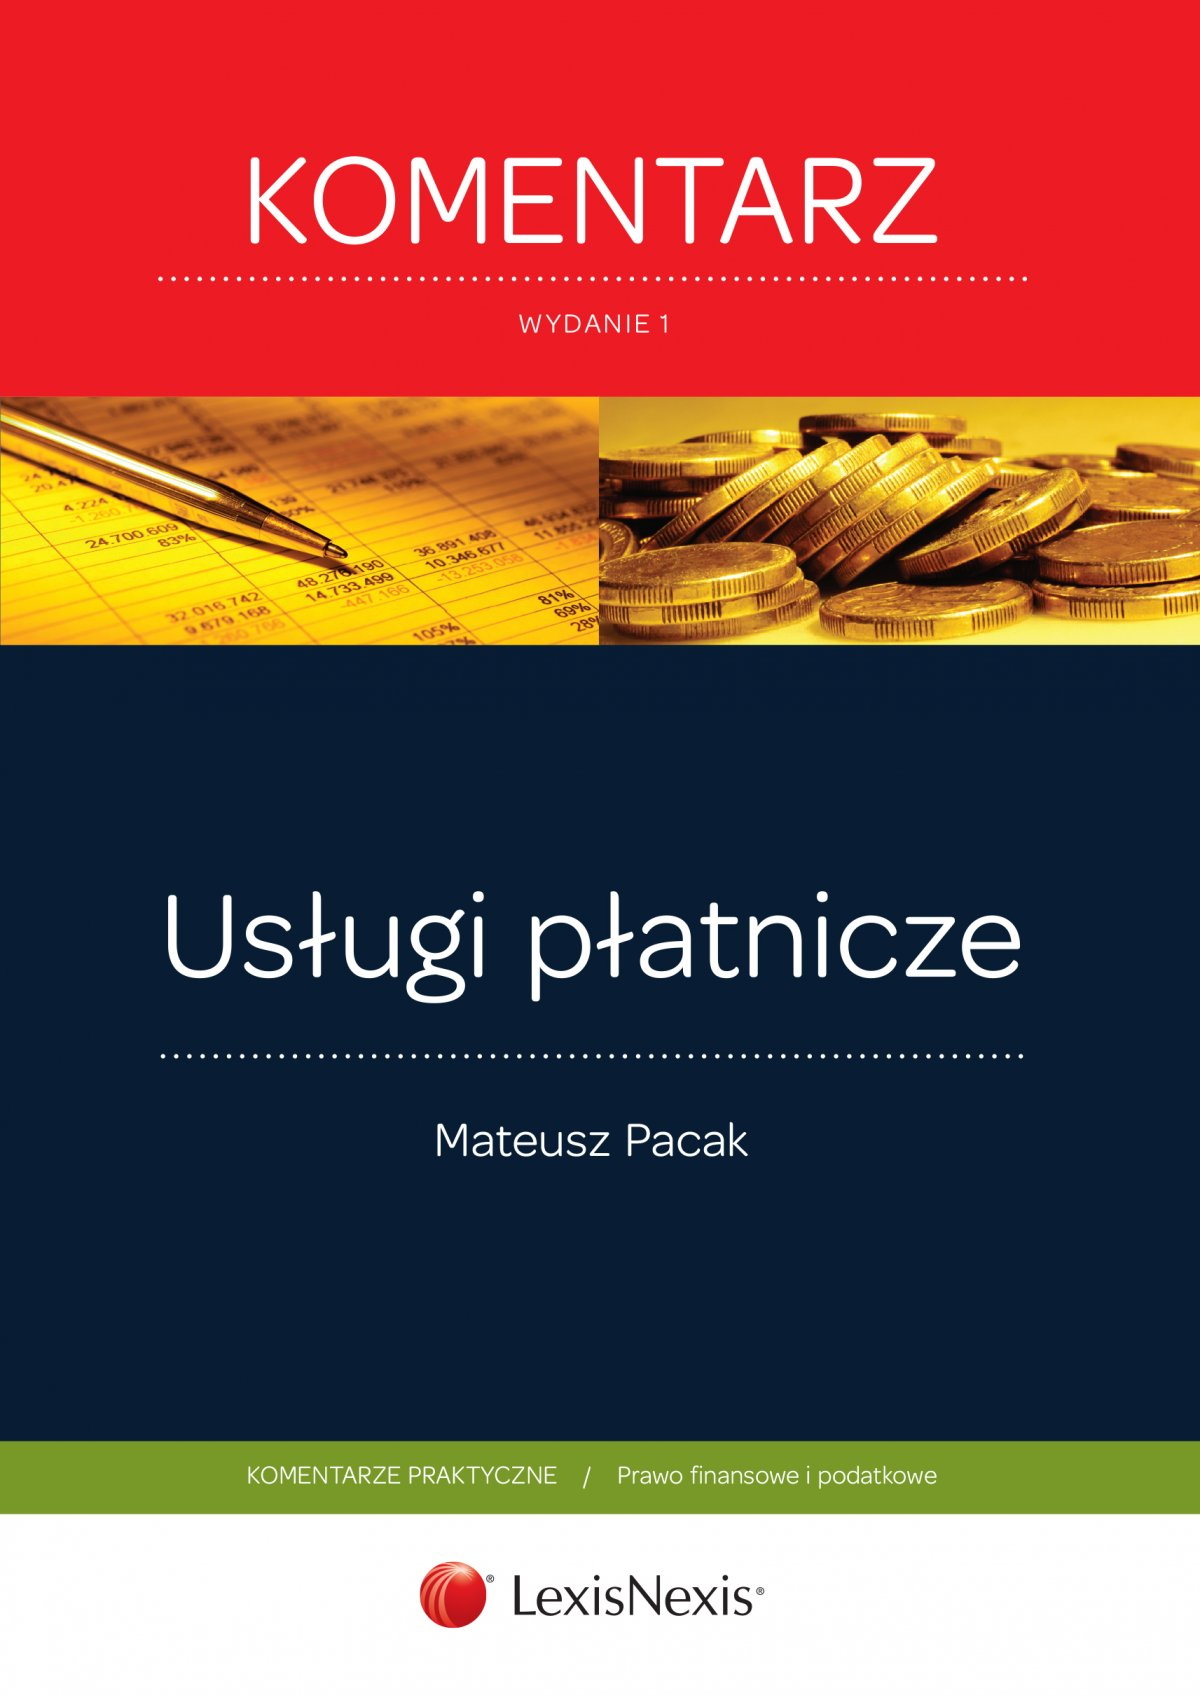 Usługi płatnicze. Komentarz. Wydanie 1 - Ebook (Książka EPUB) do pobrania w formacie EPUB